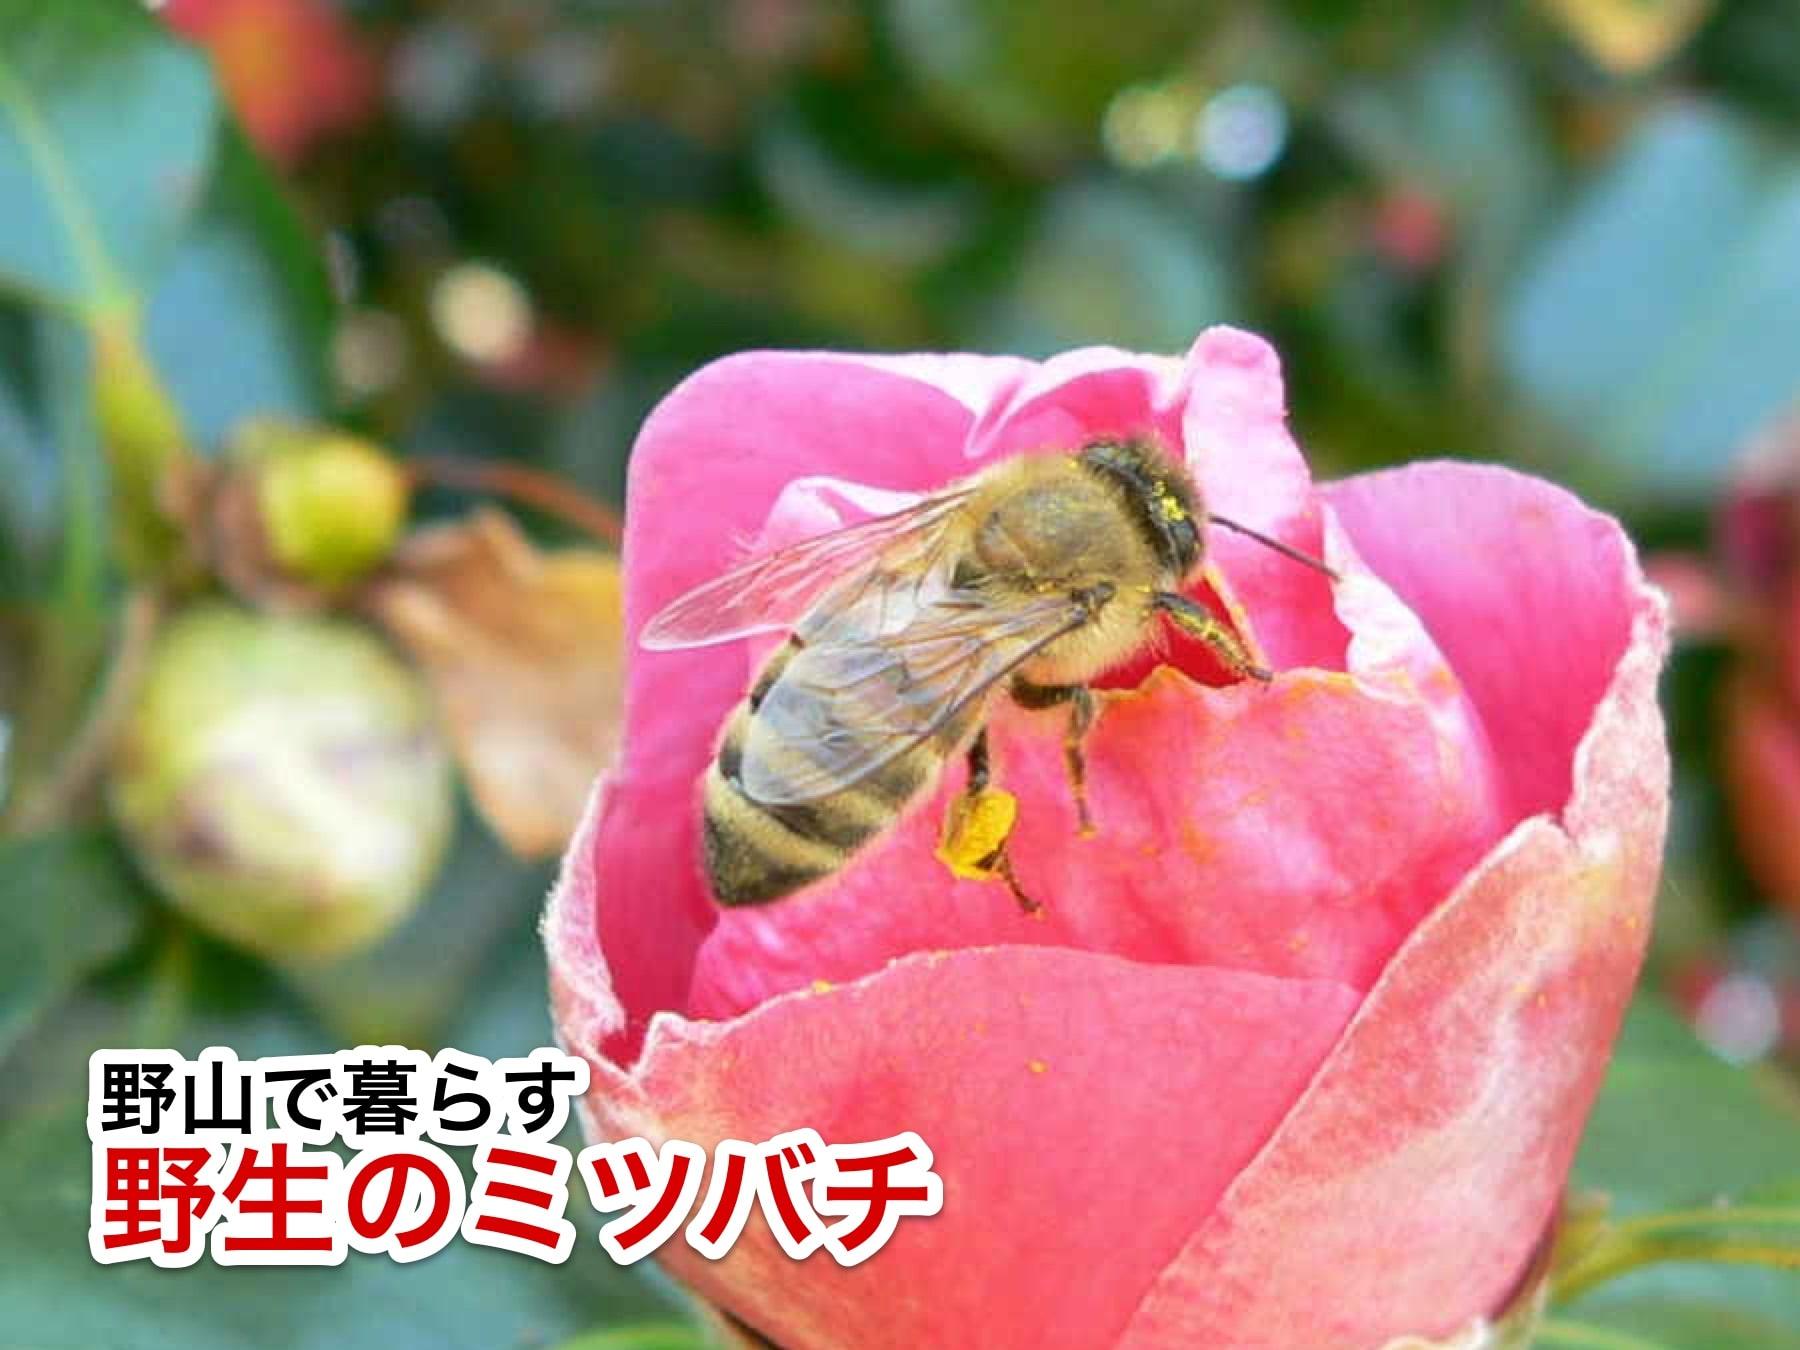 日本蜜蜂は在来種の蜜蜂です